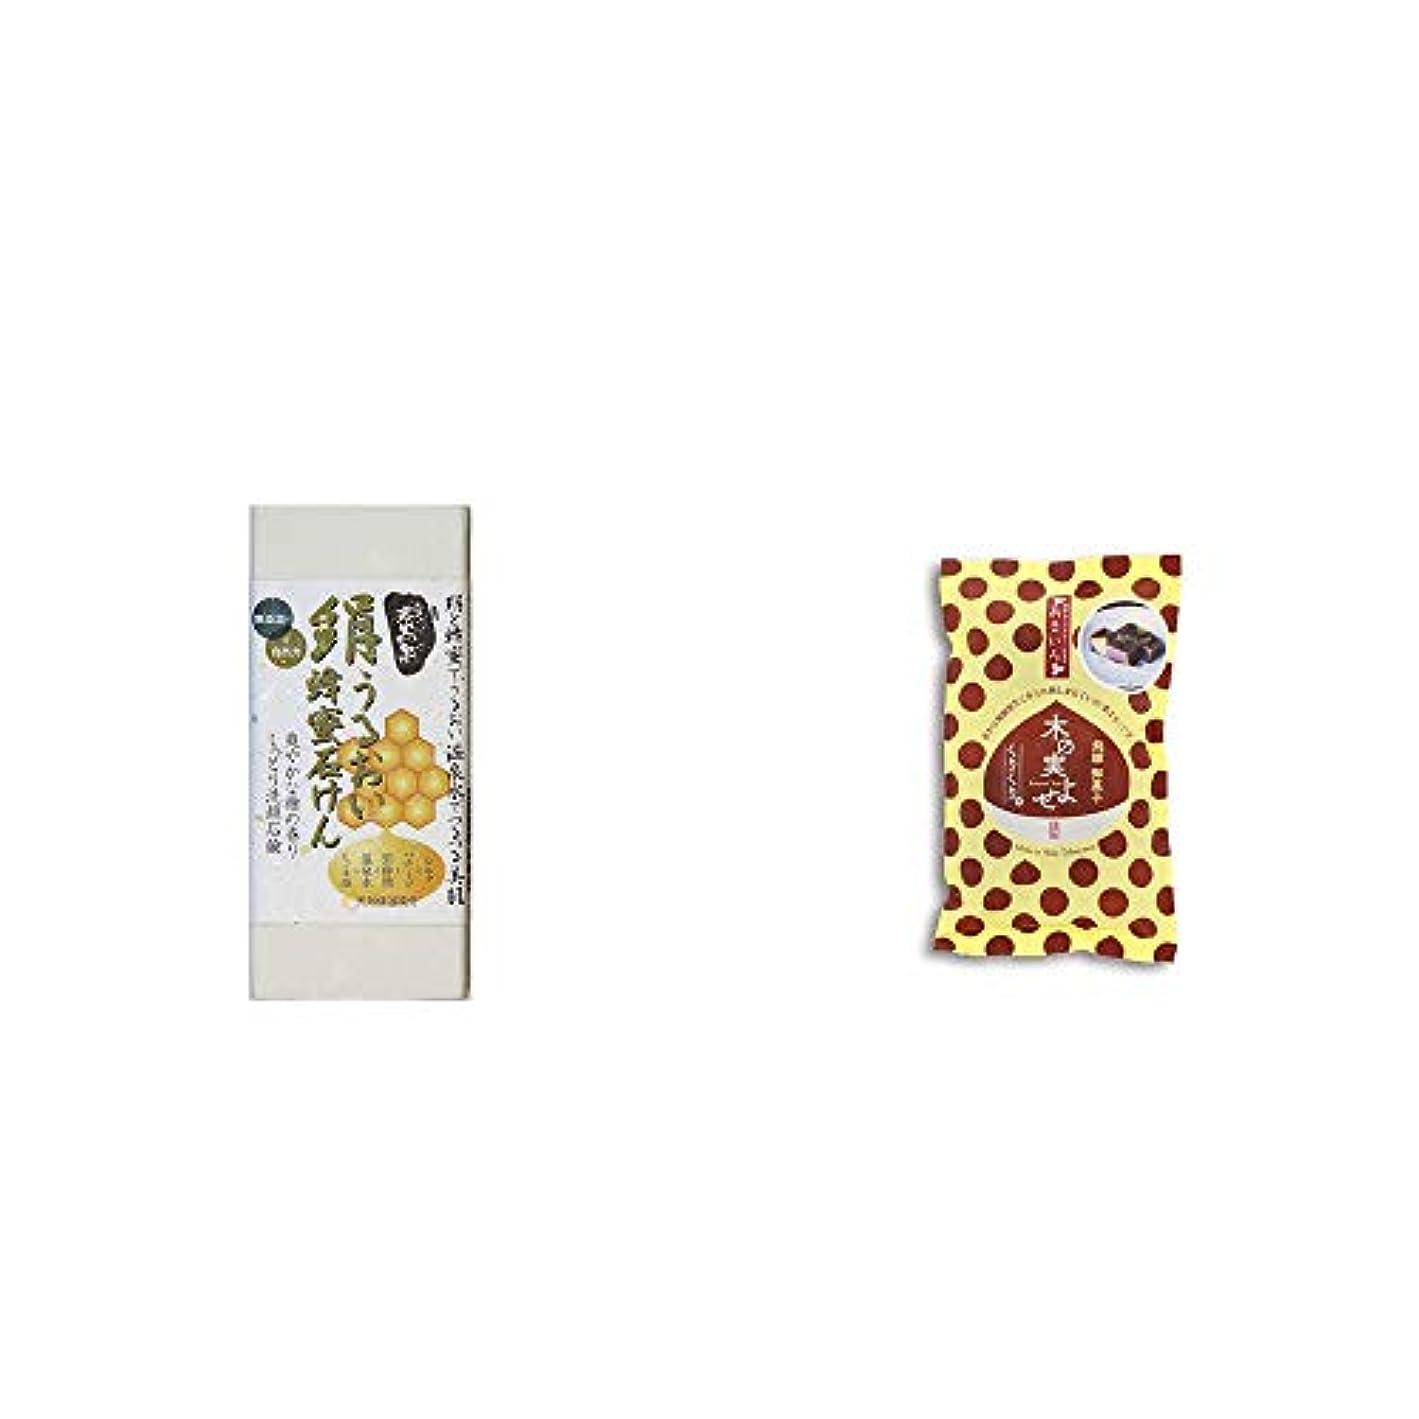 彼女ポータル博覧会[2点セット] ひのき炭黒泉 絹うるおい蜂蜜石けん(75g×2)?木の実よせ くりくり味(5個入)